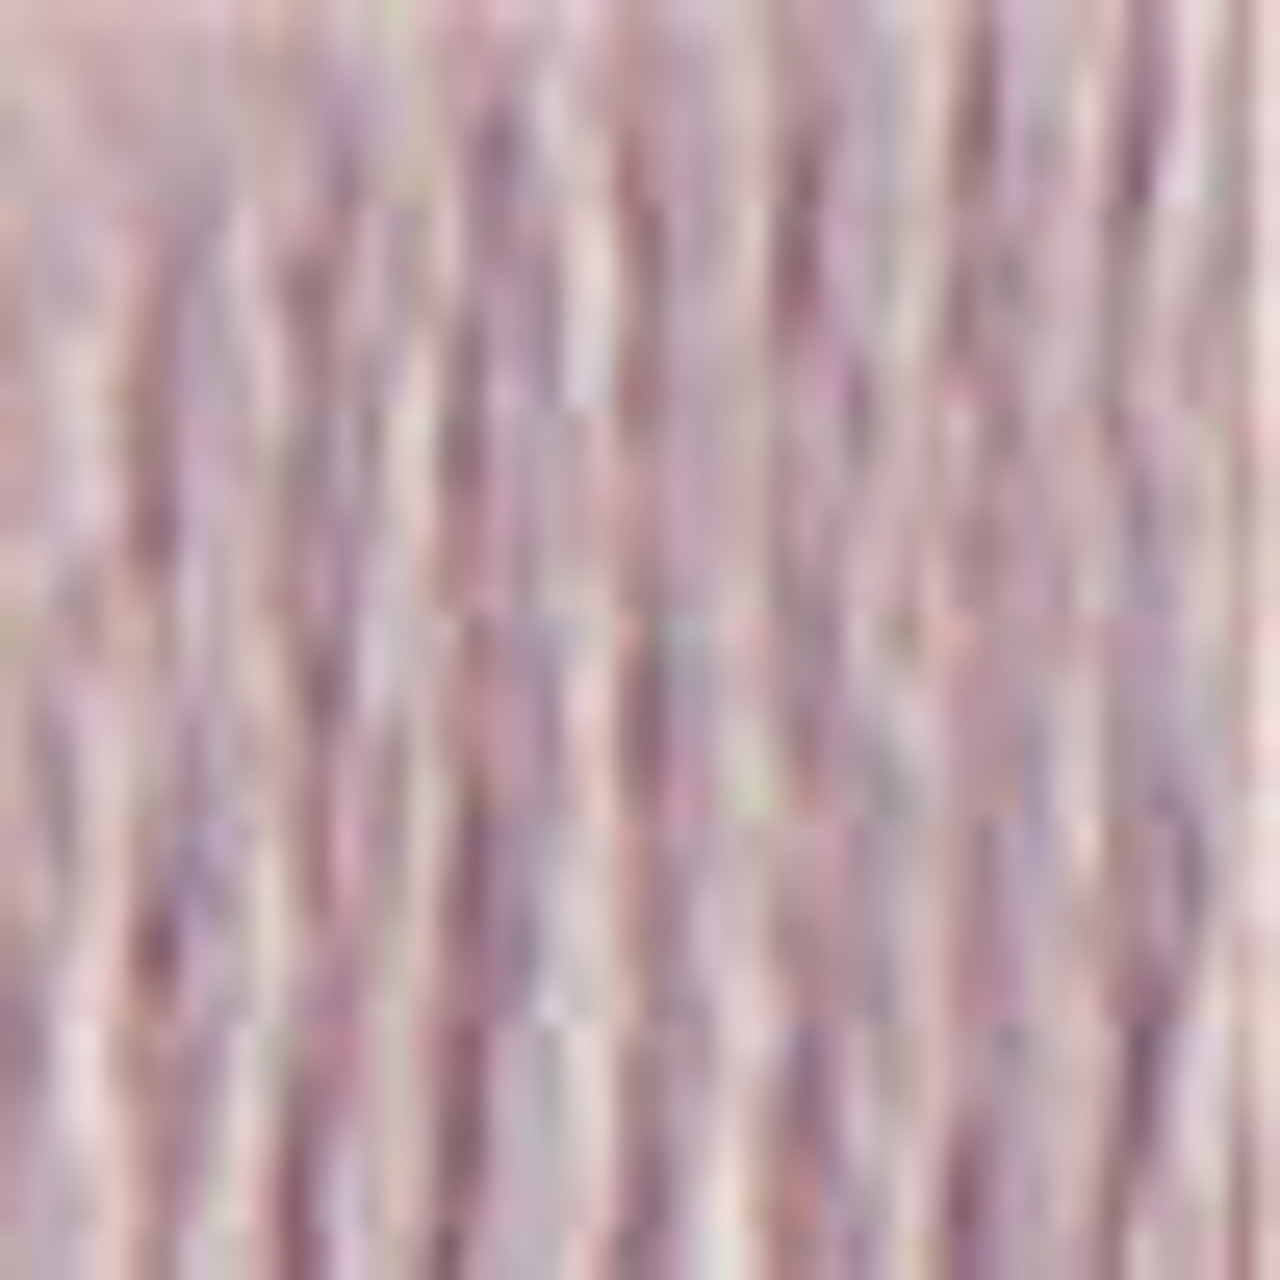 DMC # 452 Medium Shell Gray Floss / Thread